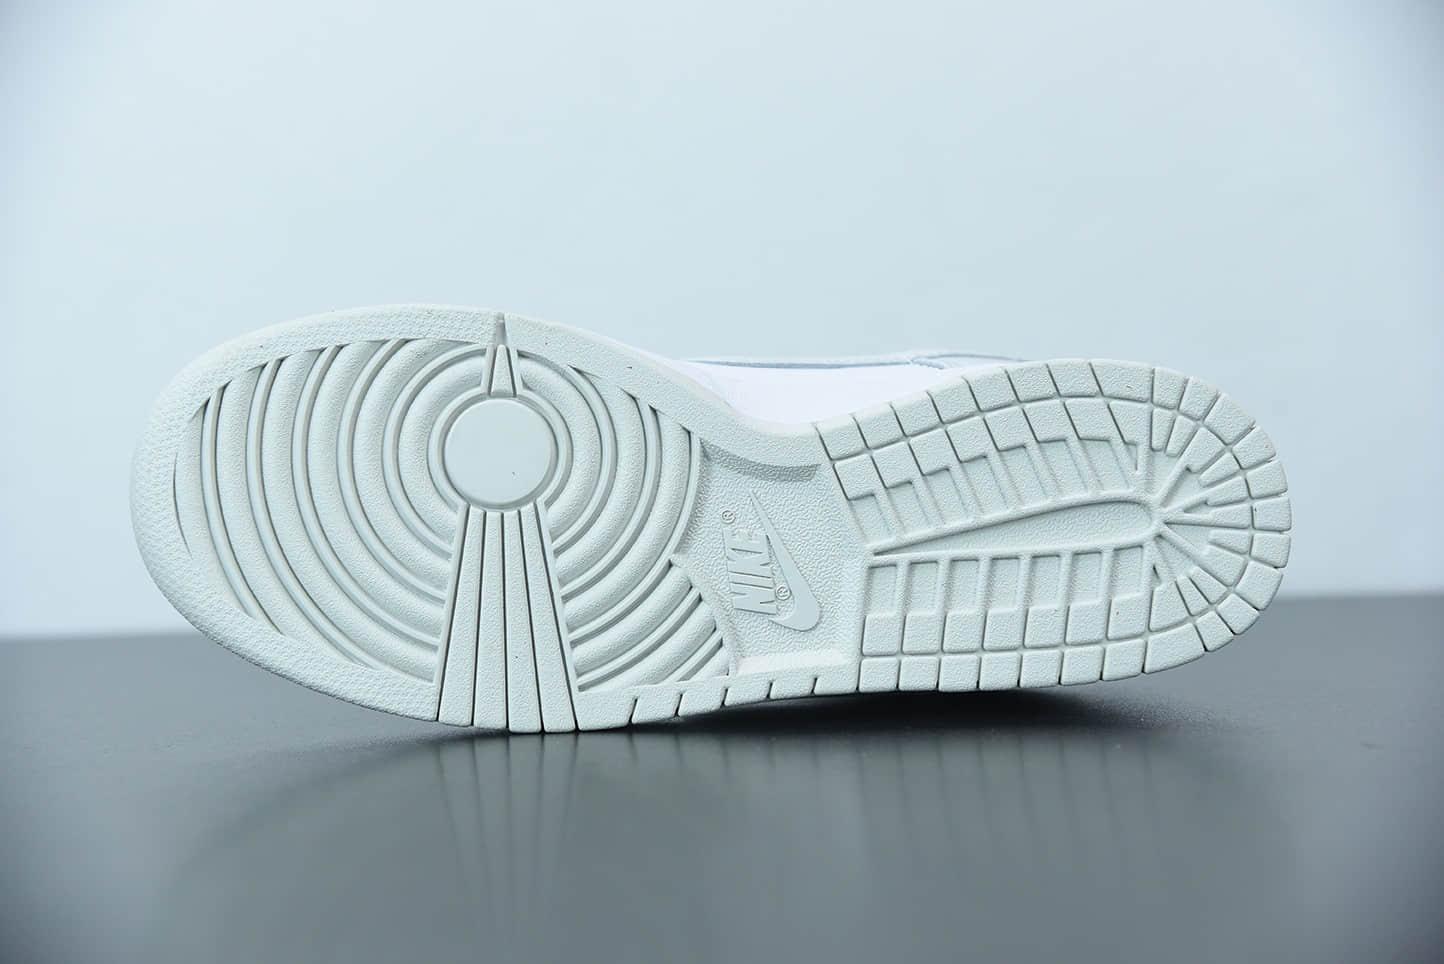 耐克Nike WMNS SB Dunk LowPhoton Dust白灰烟灰雾霾配色扣篮系列低帮休闲运动滑板鞋纯原版本 货号:DD1503-103